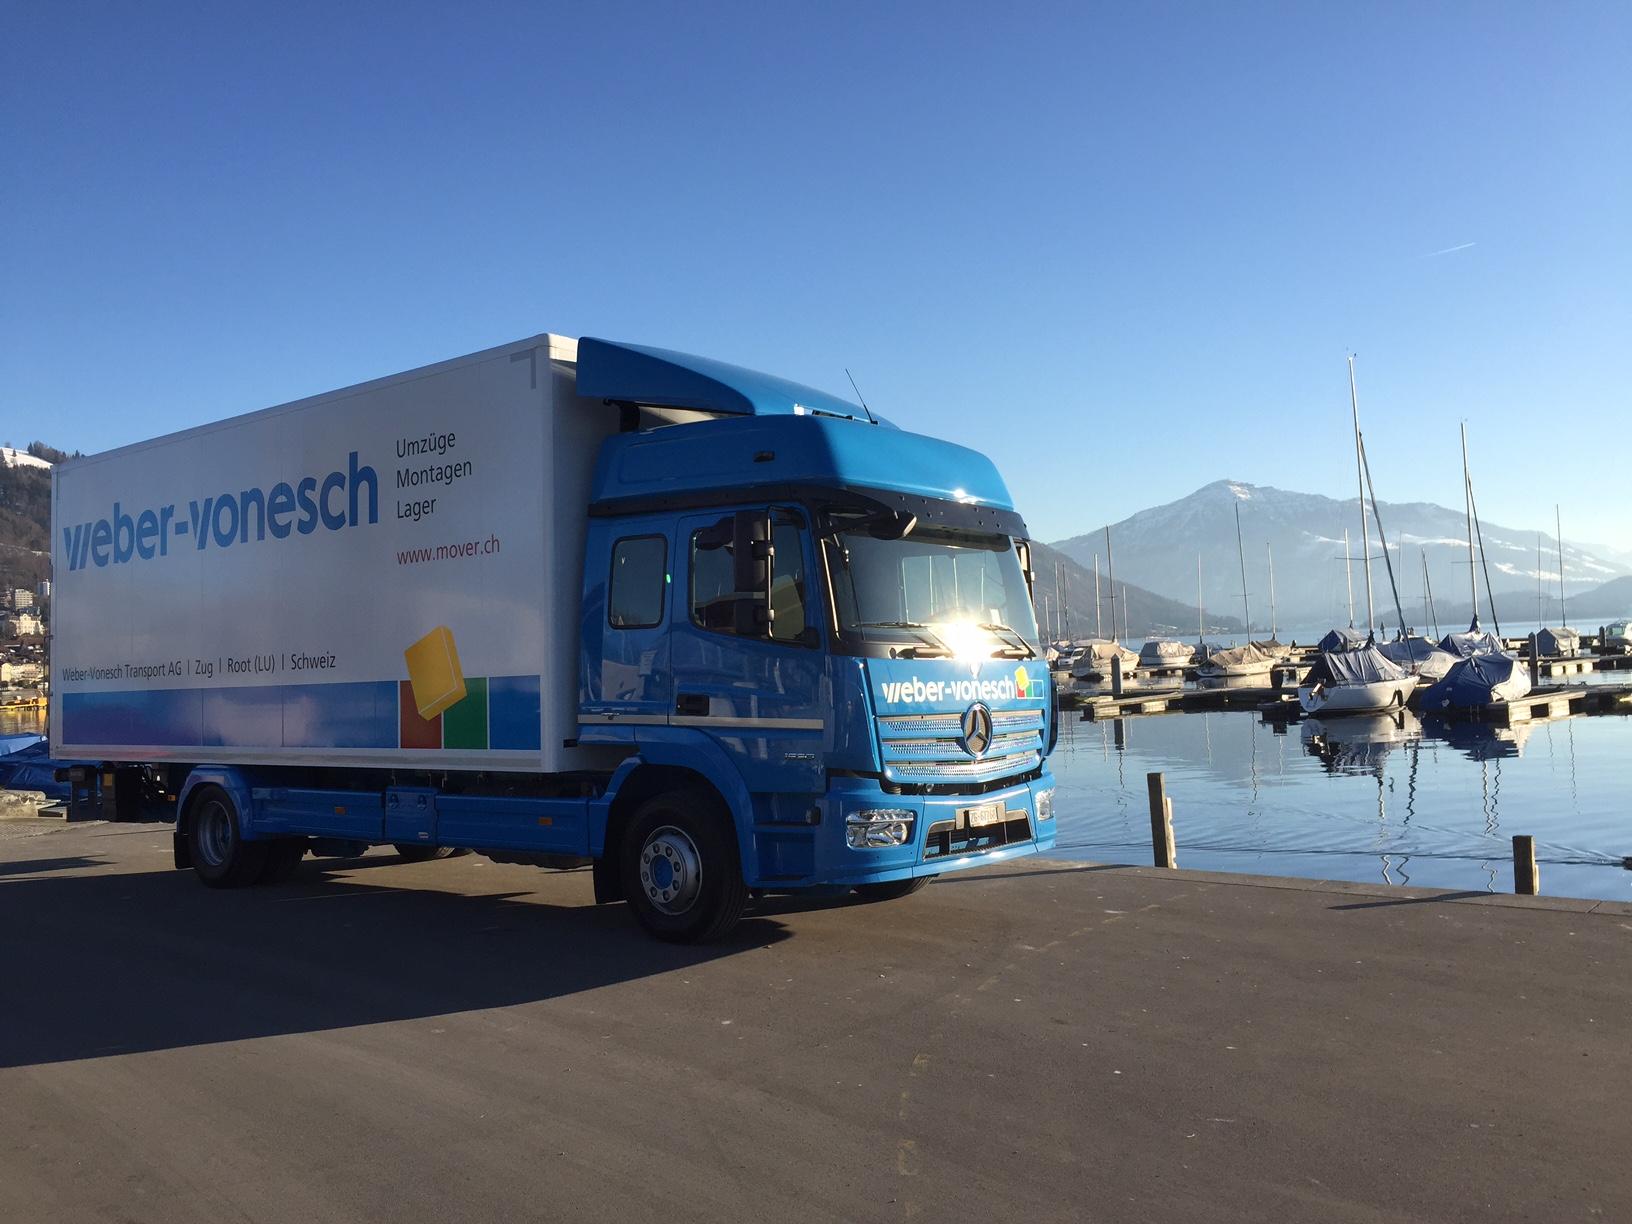 PRtools erstellt für das Transportunternehmen Weber-Vonesch einen neuen Webauftritt.